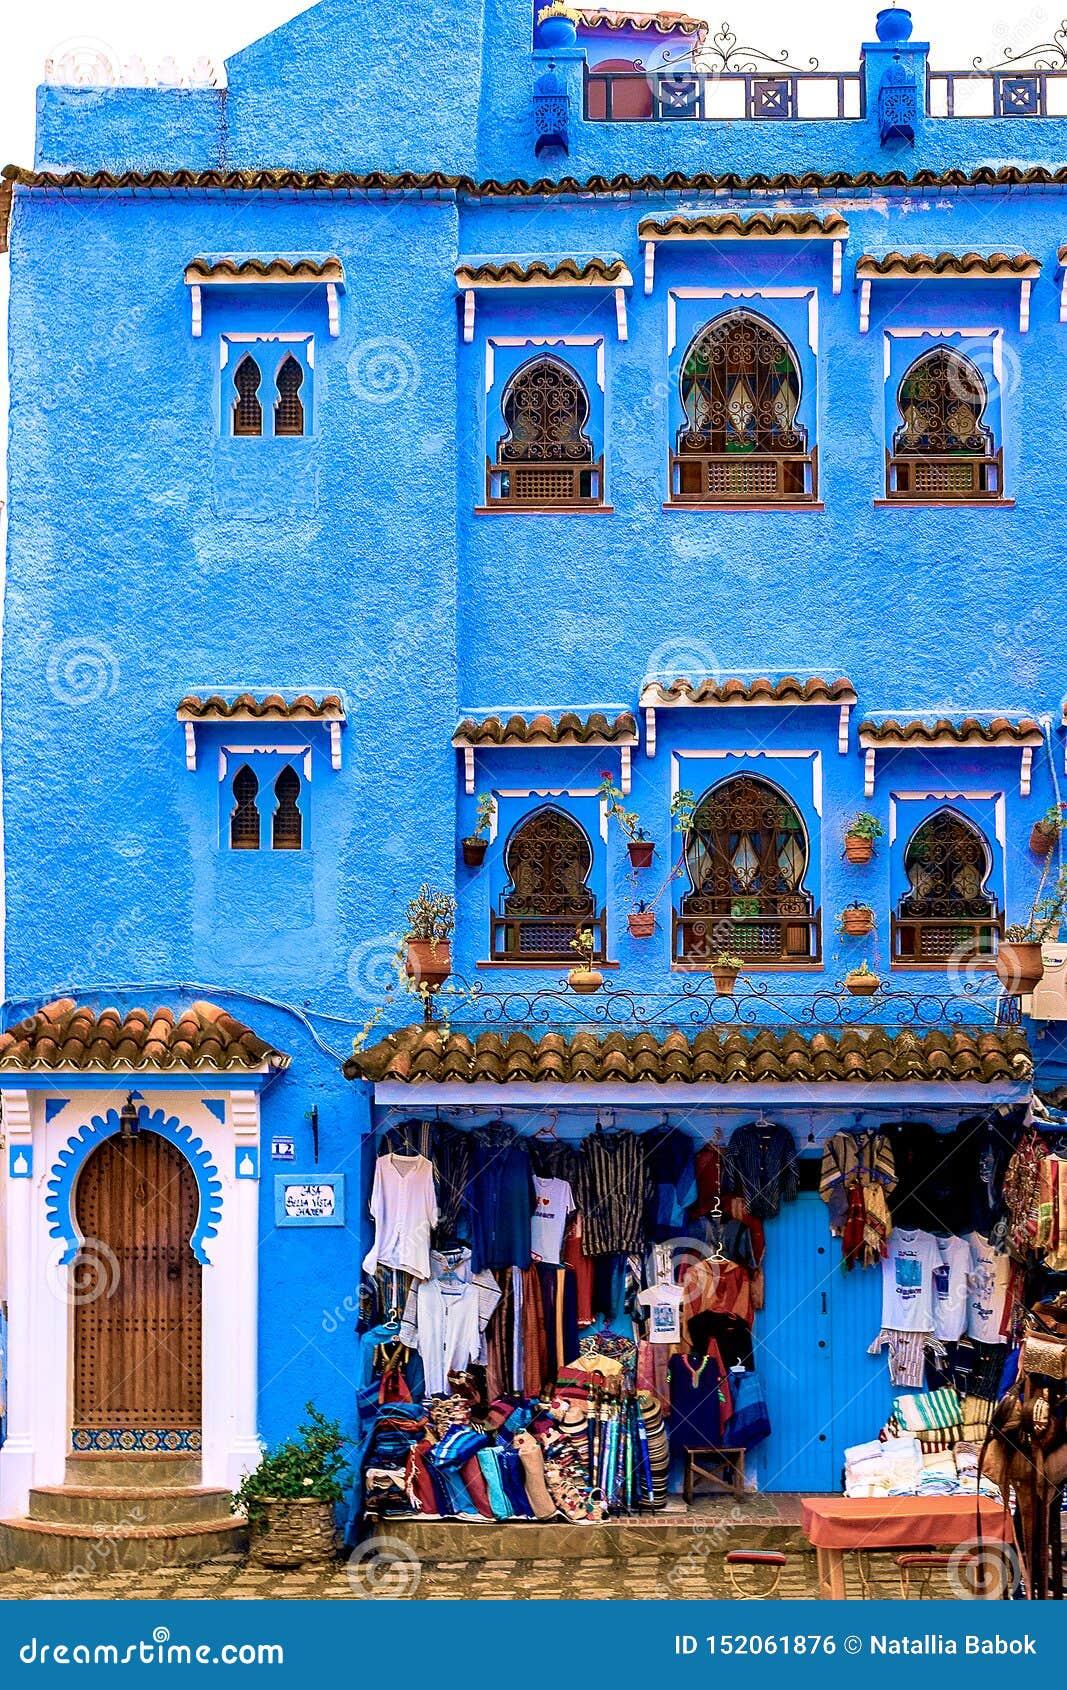 Ζωηρόχρωμα μαροκινά υφάσματα και χειροποίητα αναμνηστικά στην οδό στην μπλε πόλη Chefchaouen, Μαρόκο, Αφρική